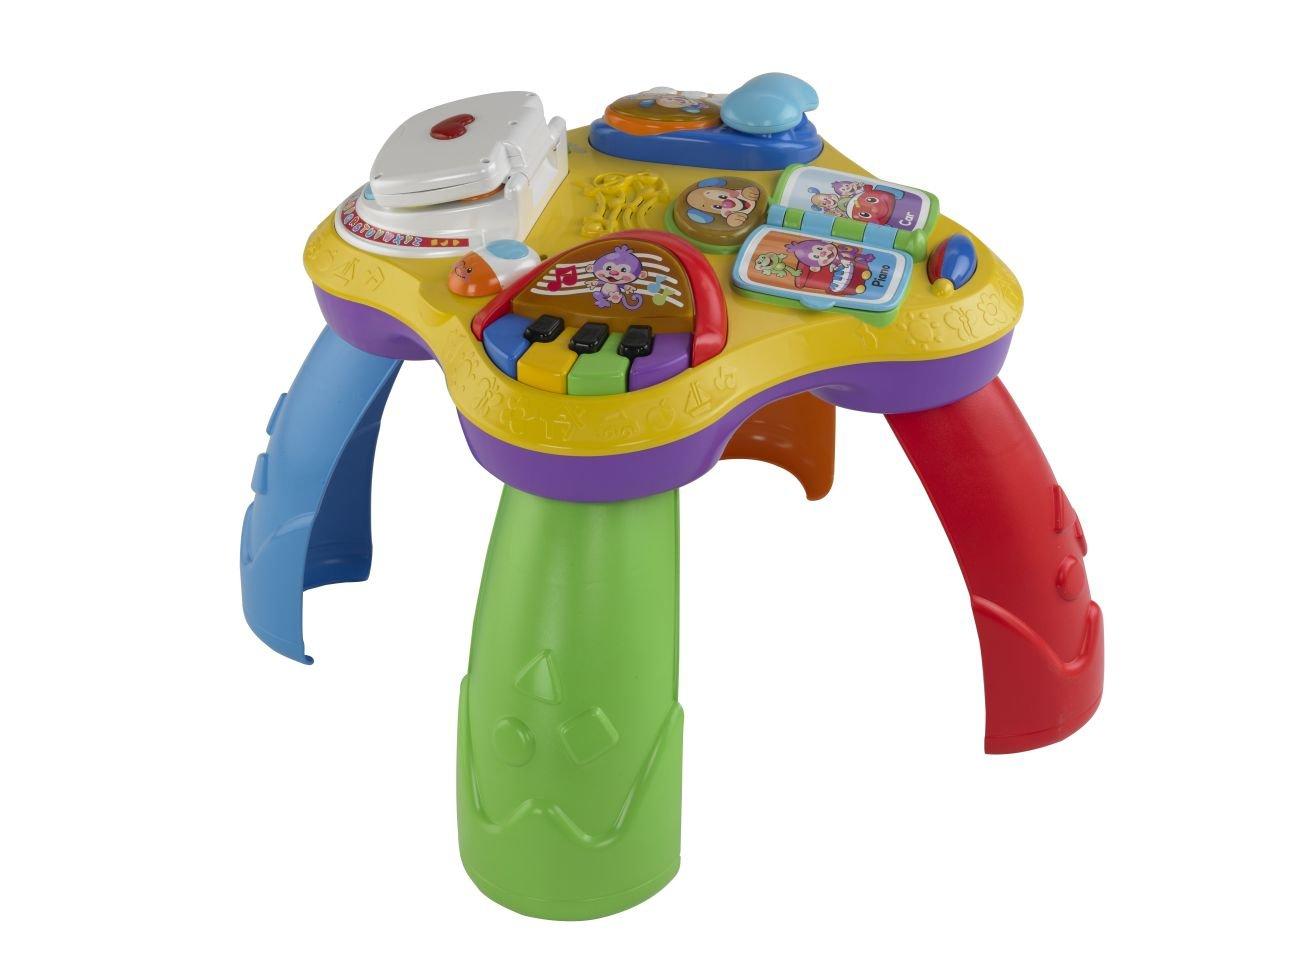 Klettergerüst Baby : Spieltisch baby farmfreunde